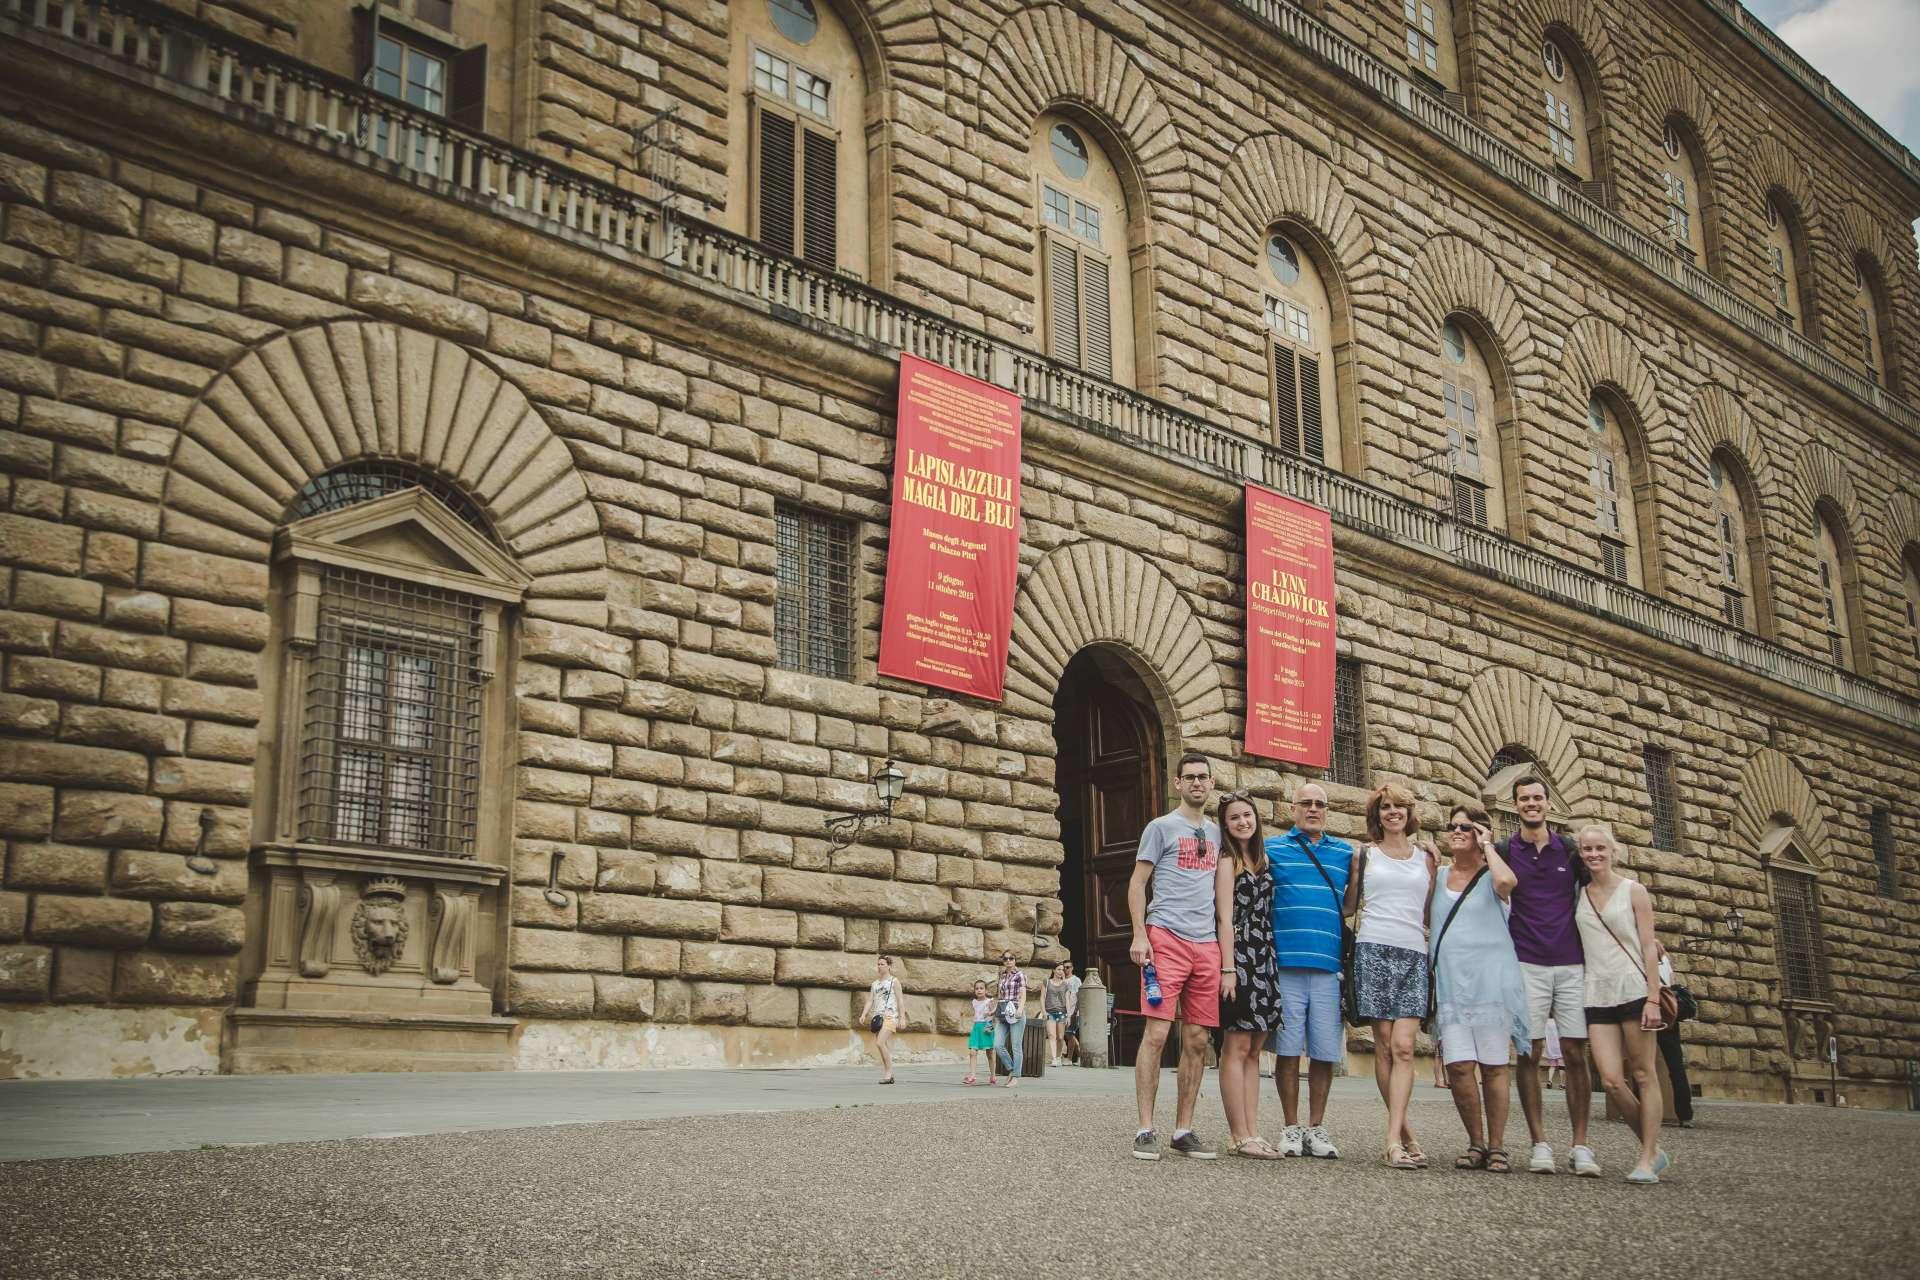 Pitti Palace & Boboli